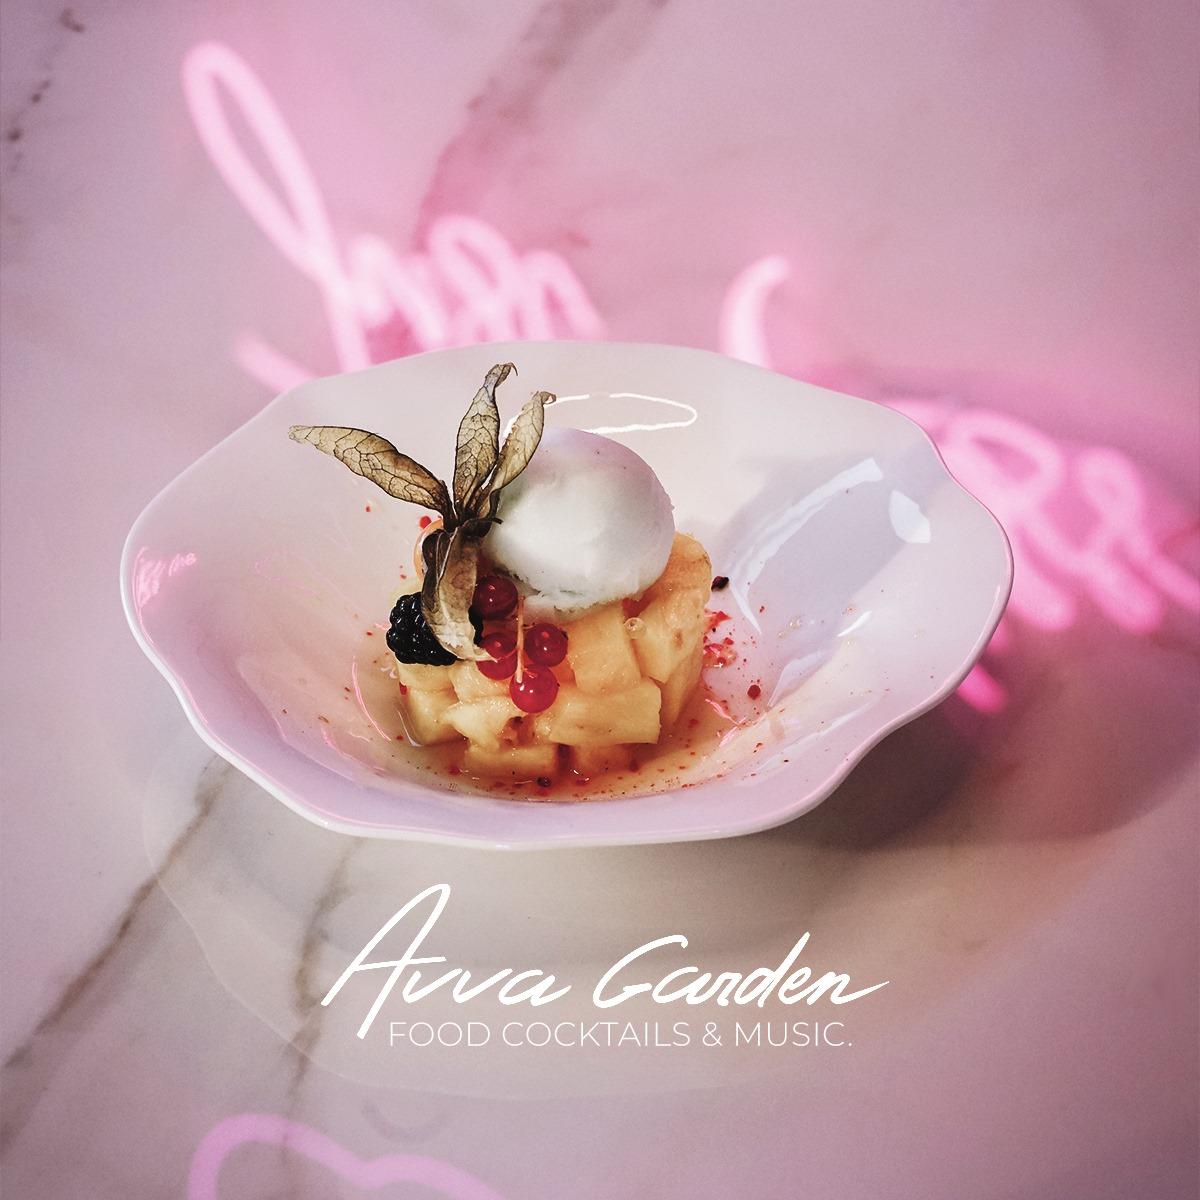 Avva-Garden-cuisine-tonique-équilibrée